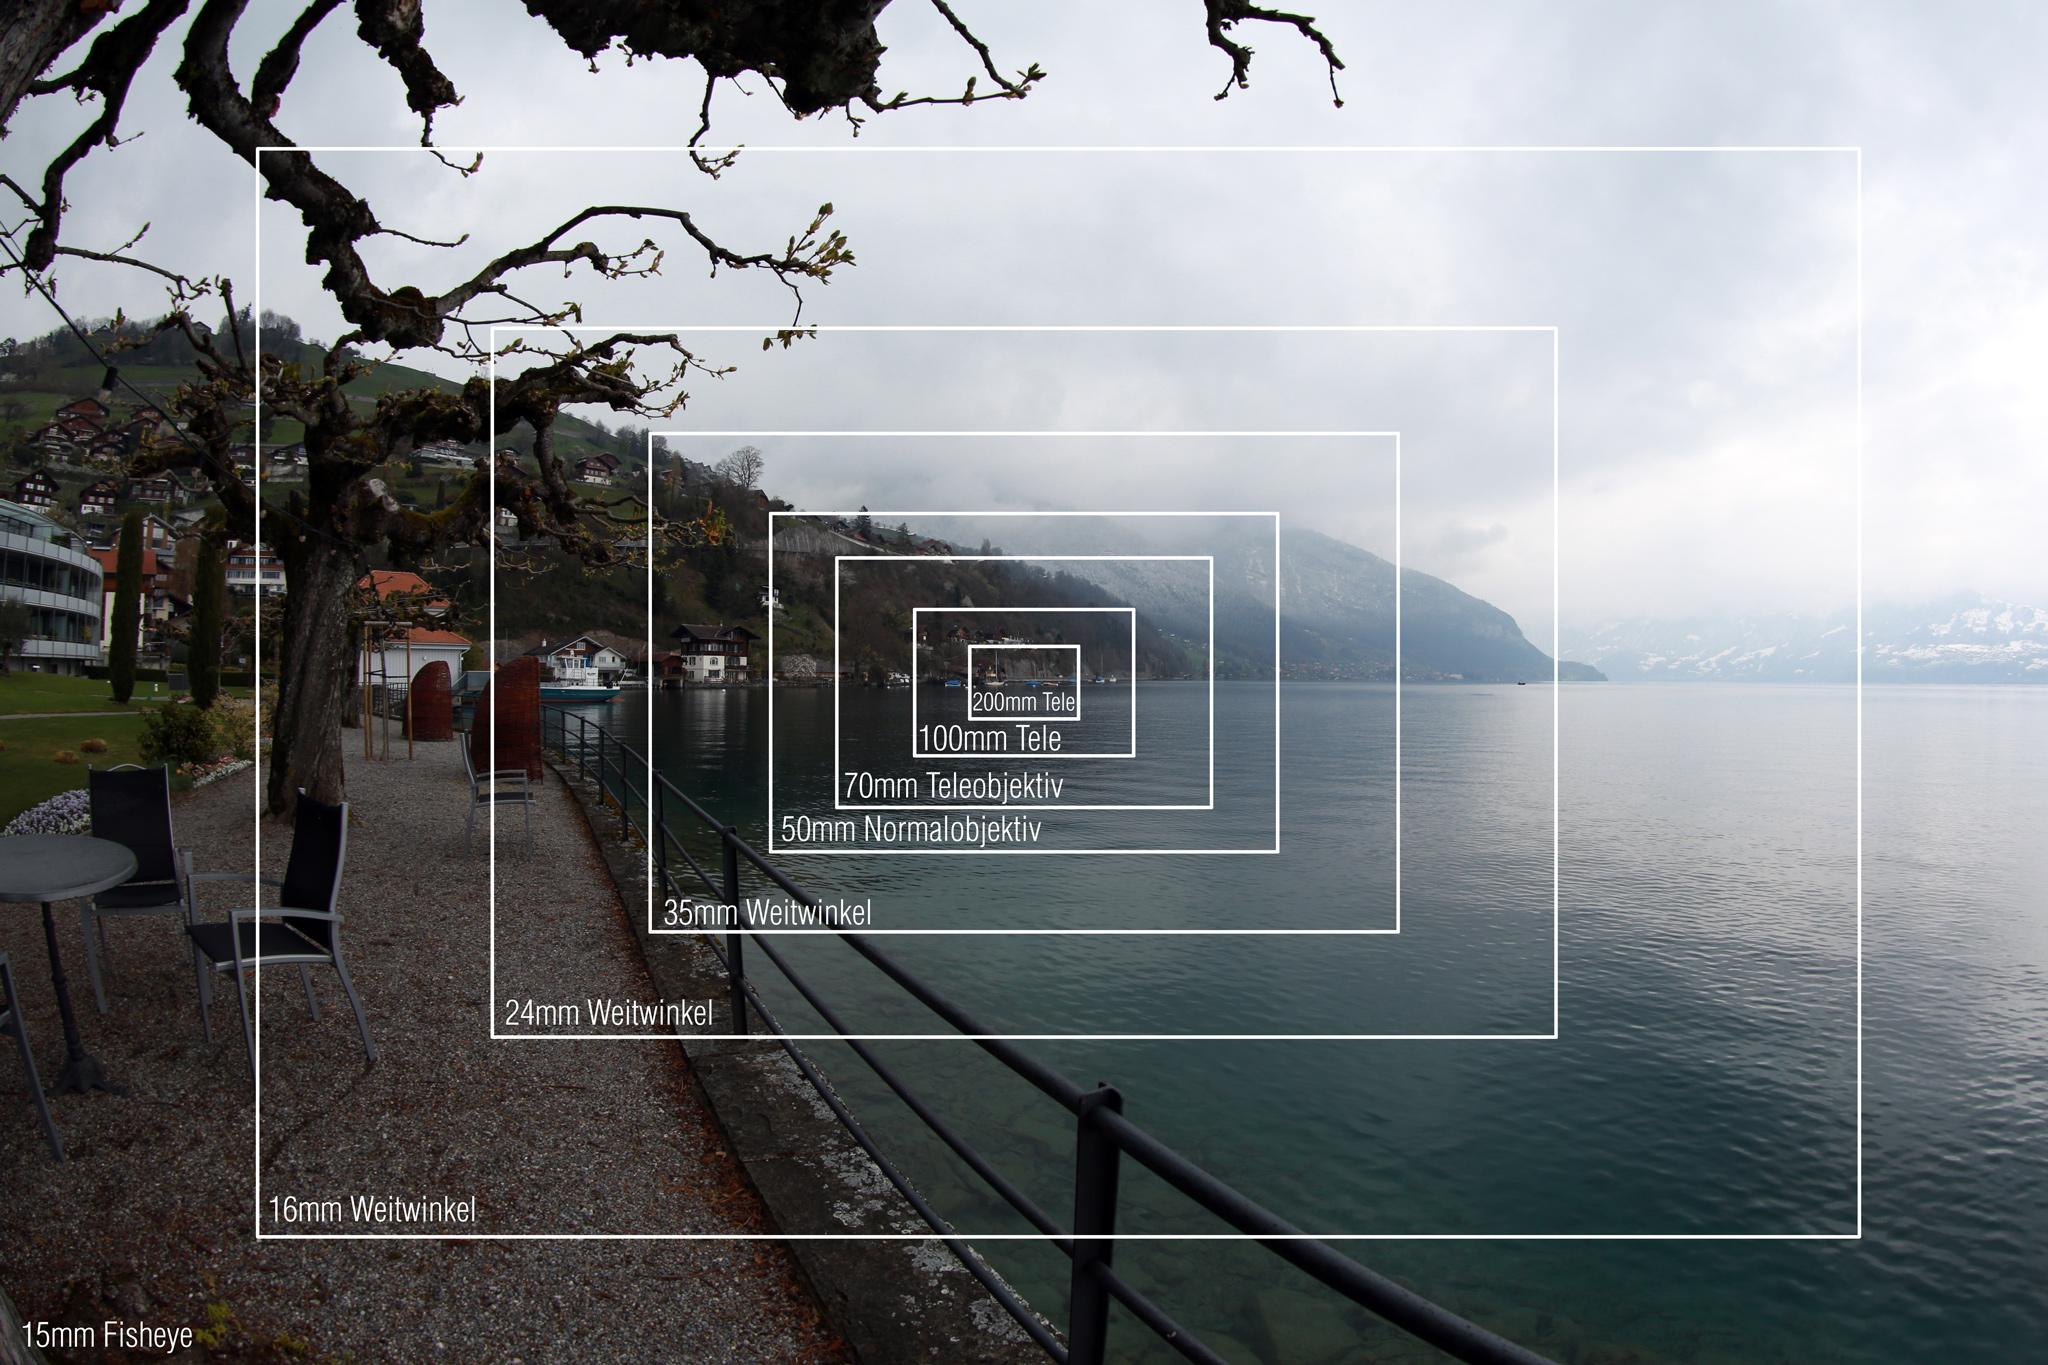 Fototipps – 6 Objektiv-Typen erklärt!